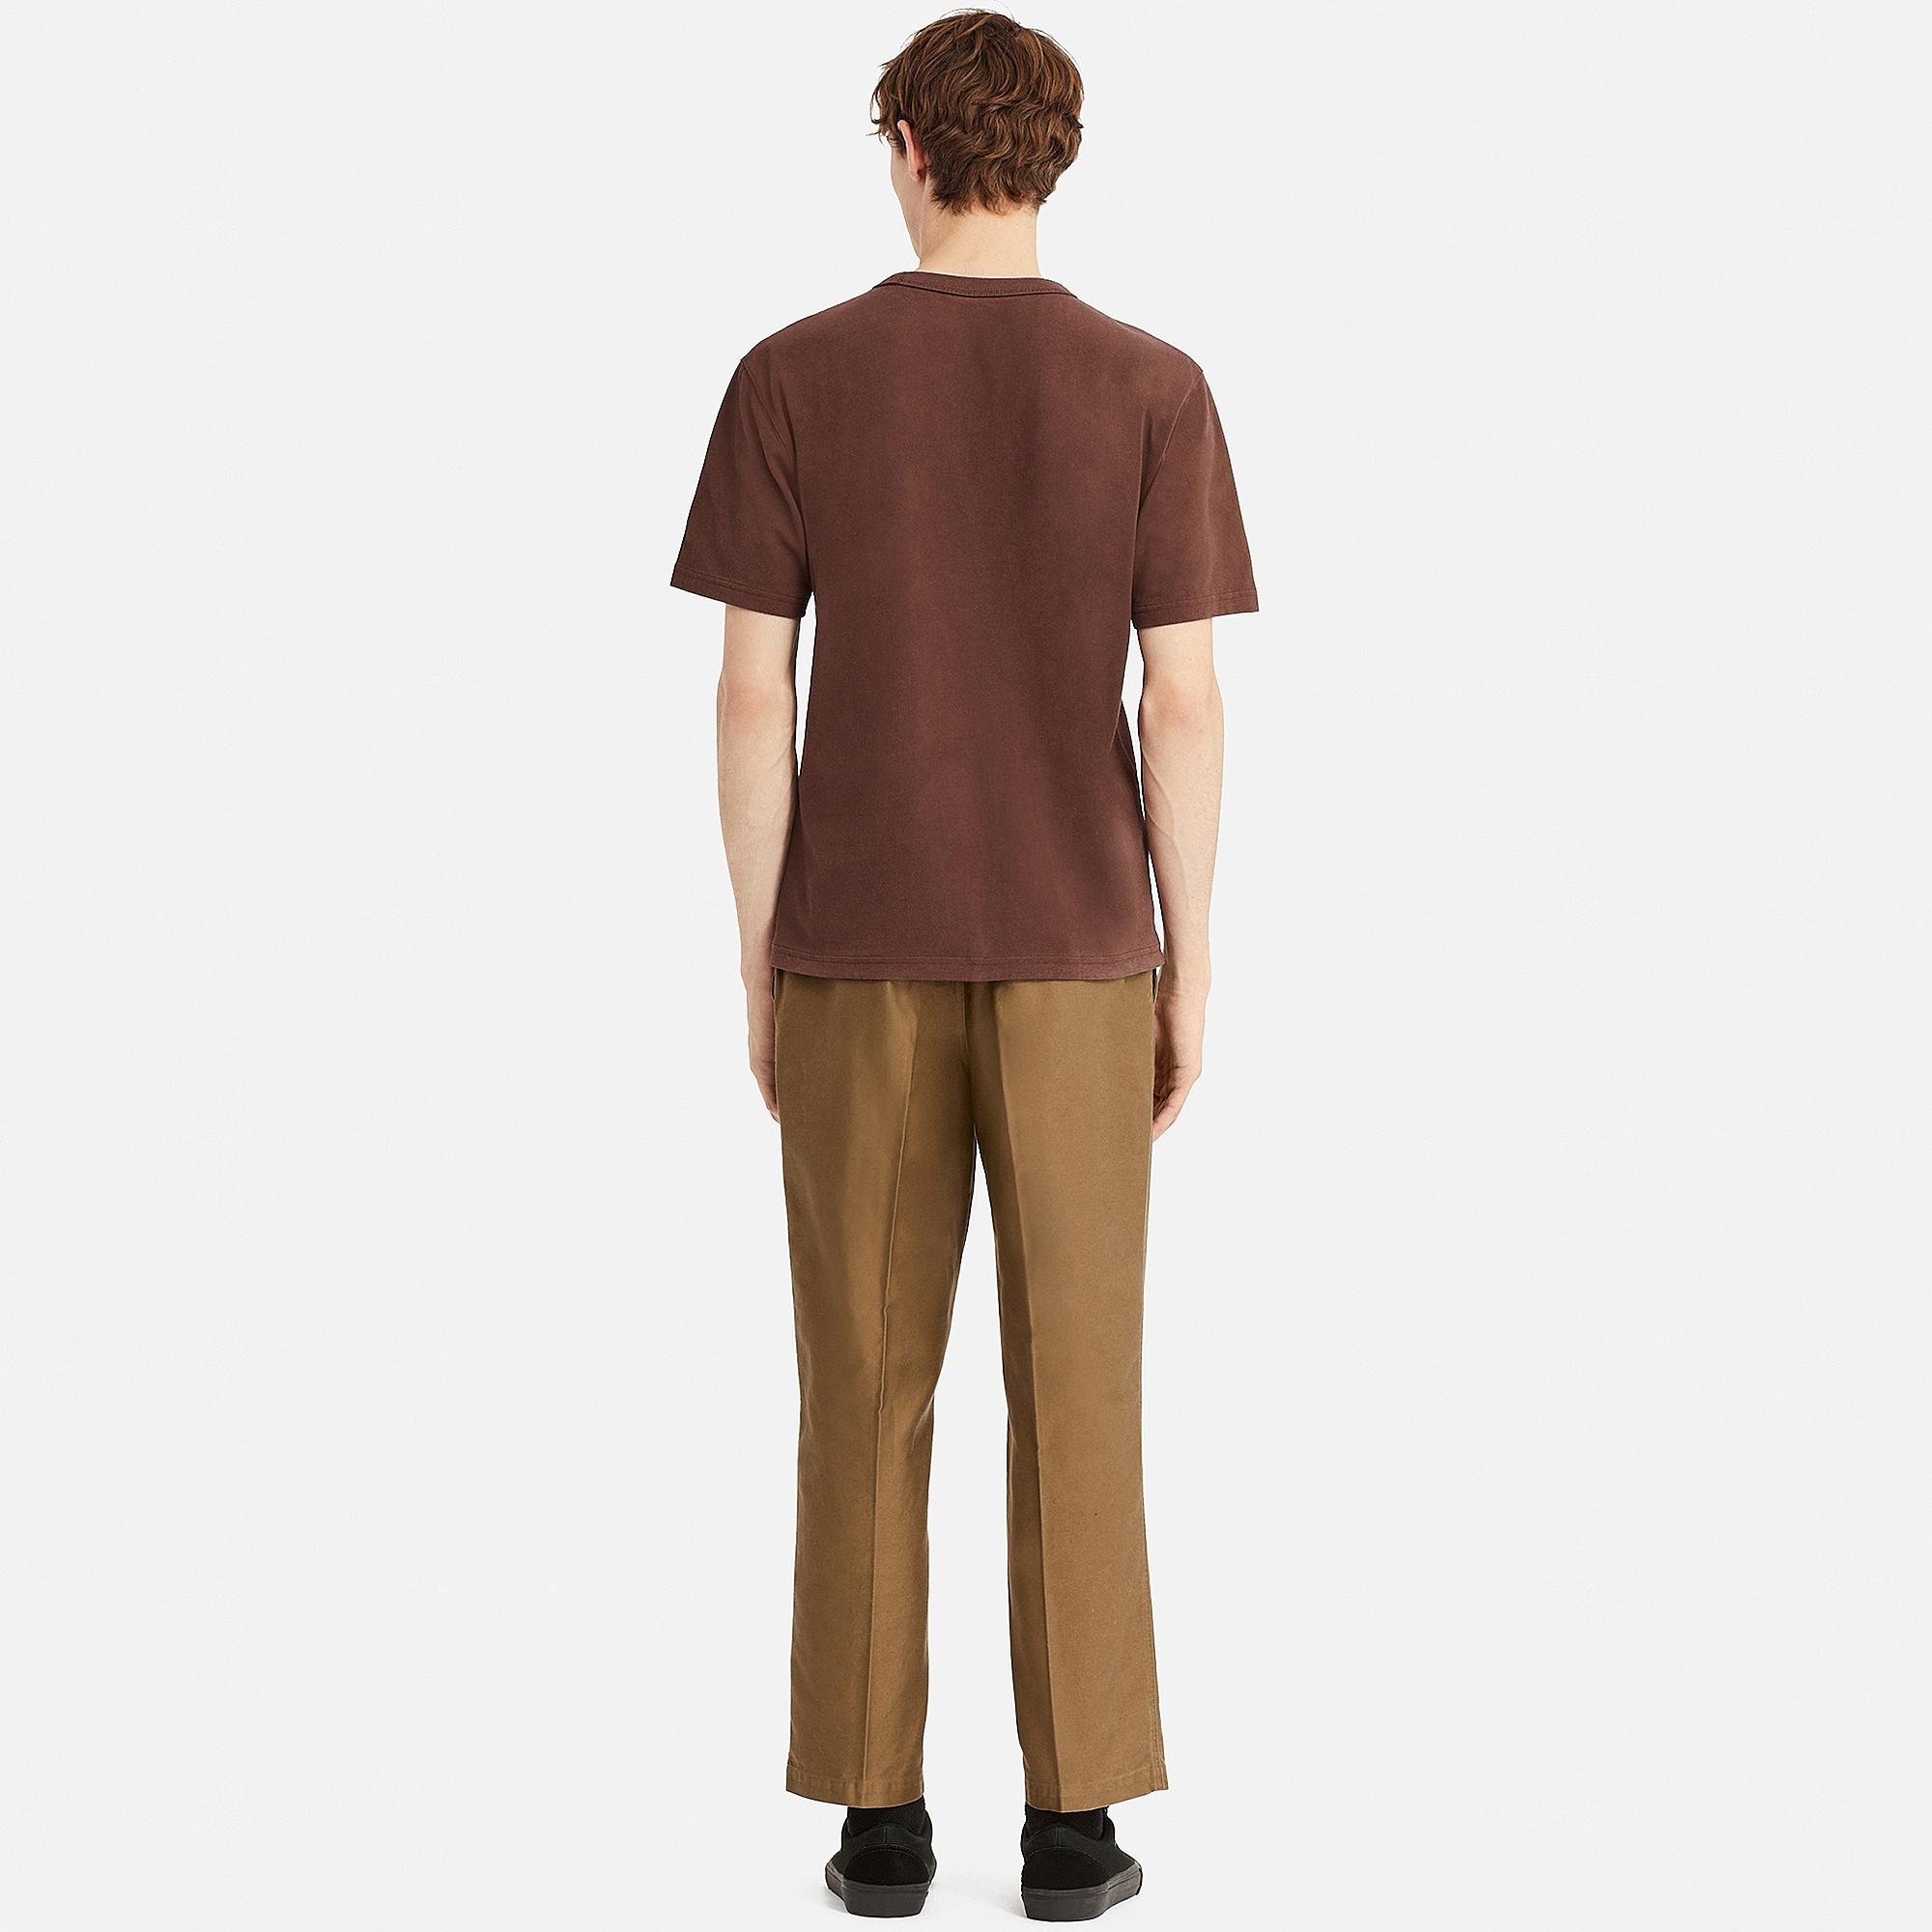 a9992f3b64d8 Uniqlo MEN UNIQLO U Crew Neck Short Sleeve T-Shirt at £7.9